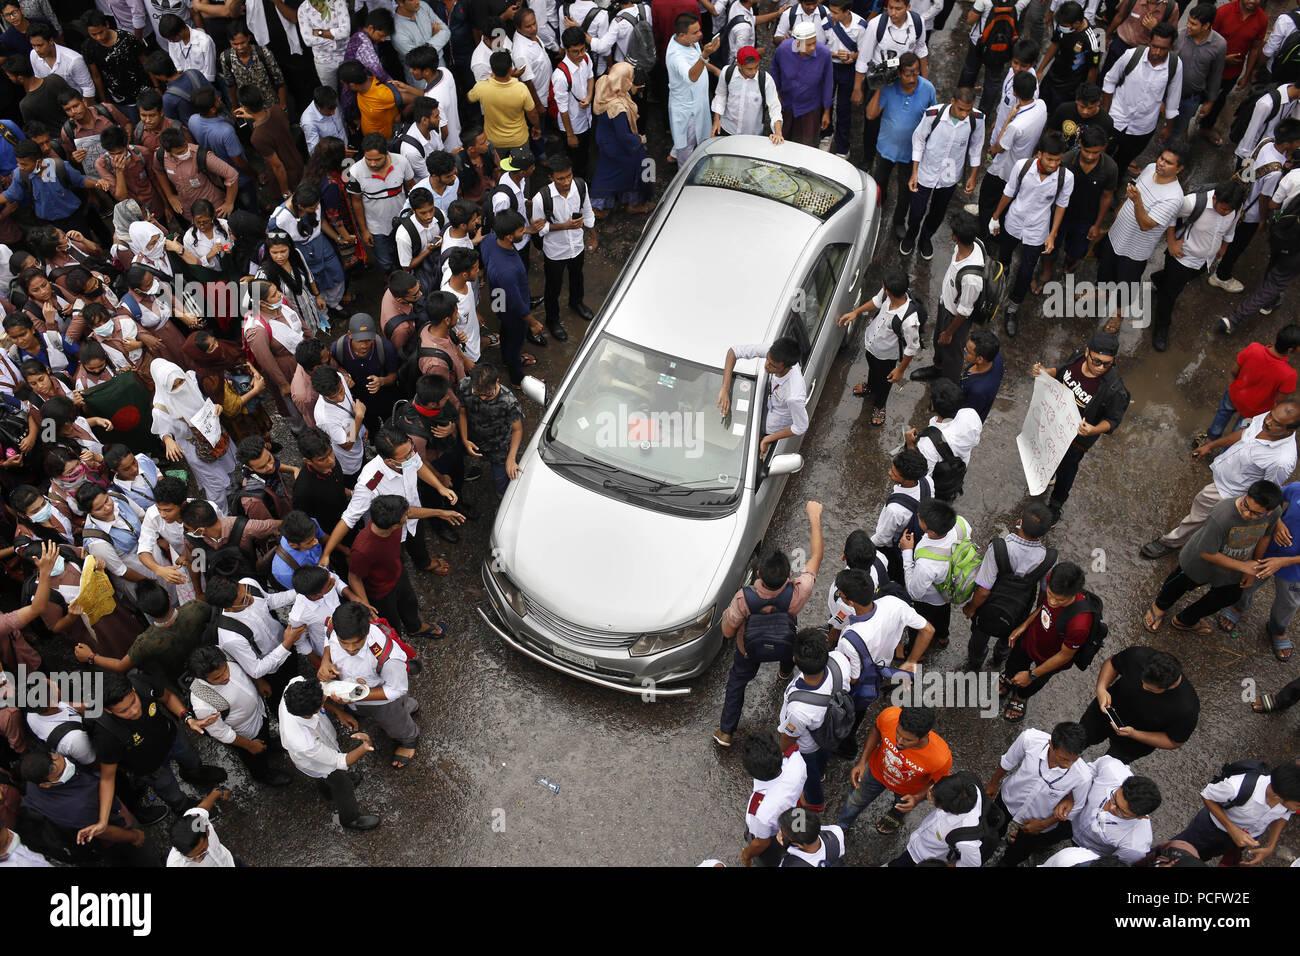 Dhaka, Bangladesh  2nd Aug, 2018  Students block a road during a